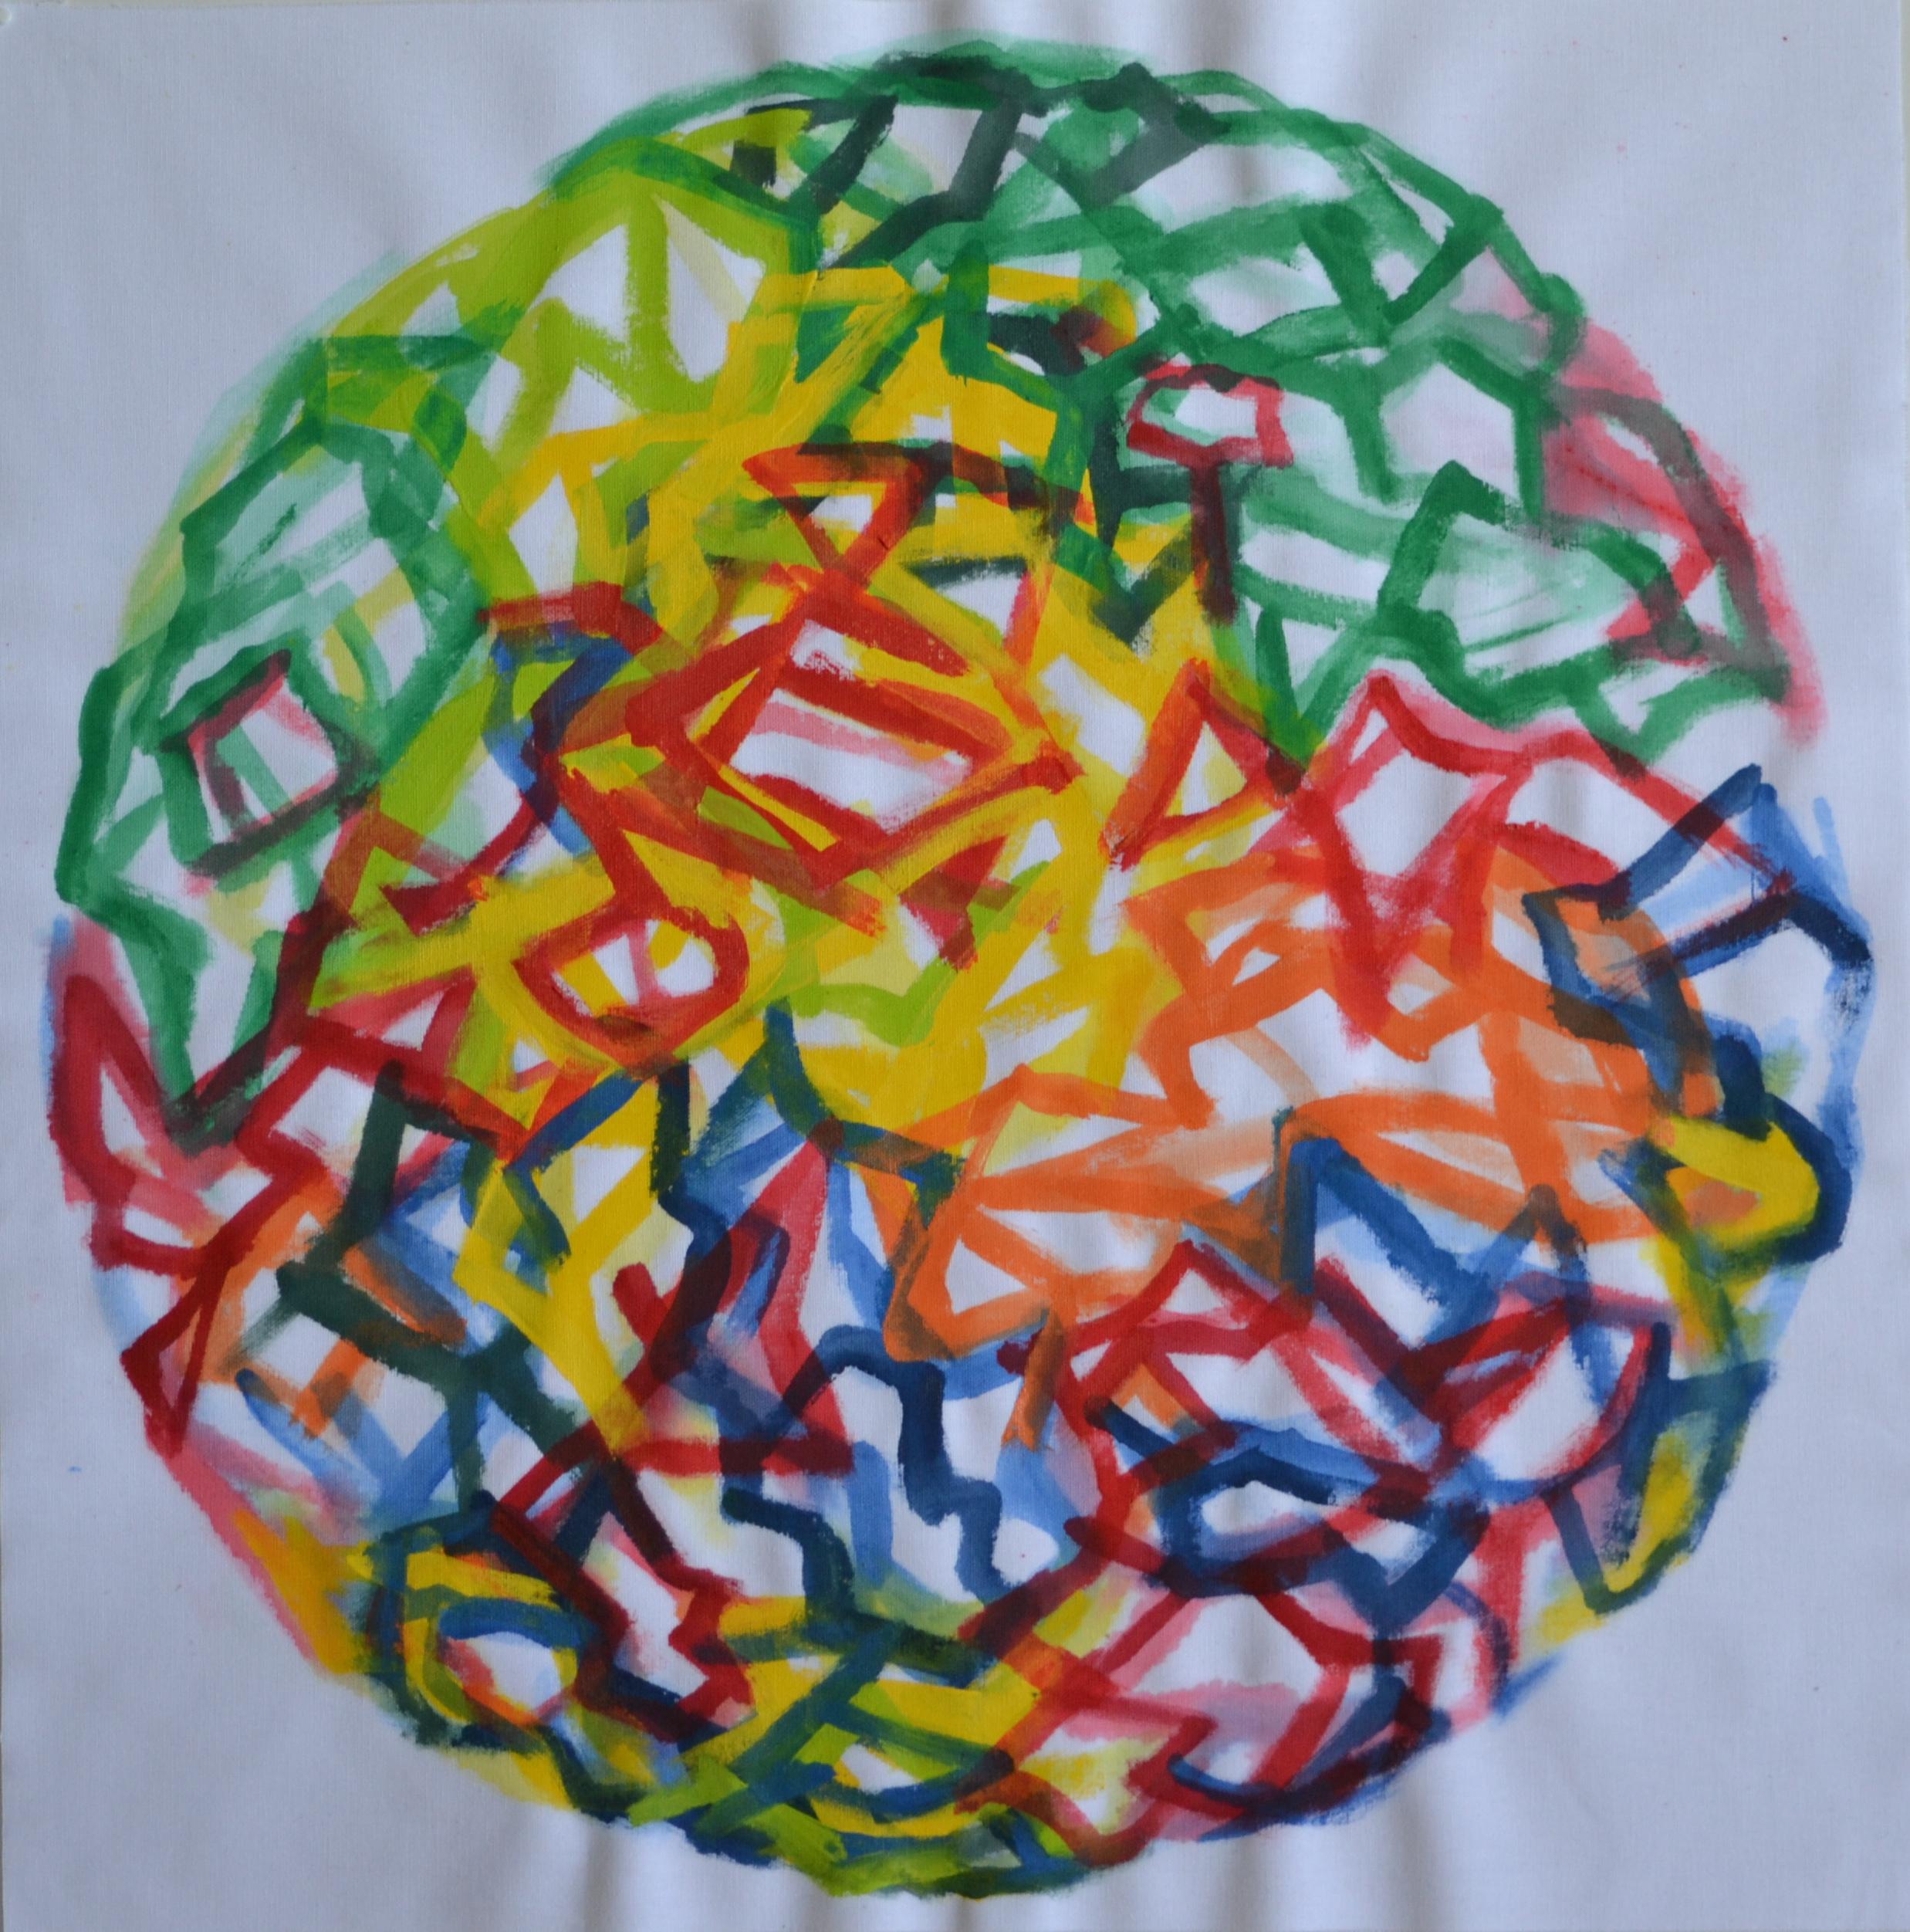 Mappemonde Peinture, acrylique sur tissu libre, 64 x 64 cm